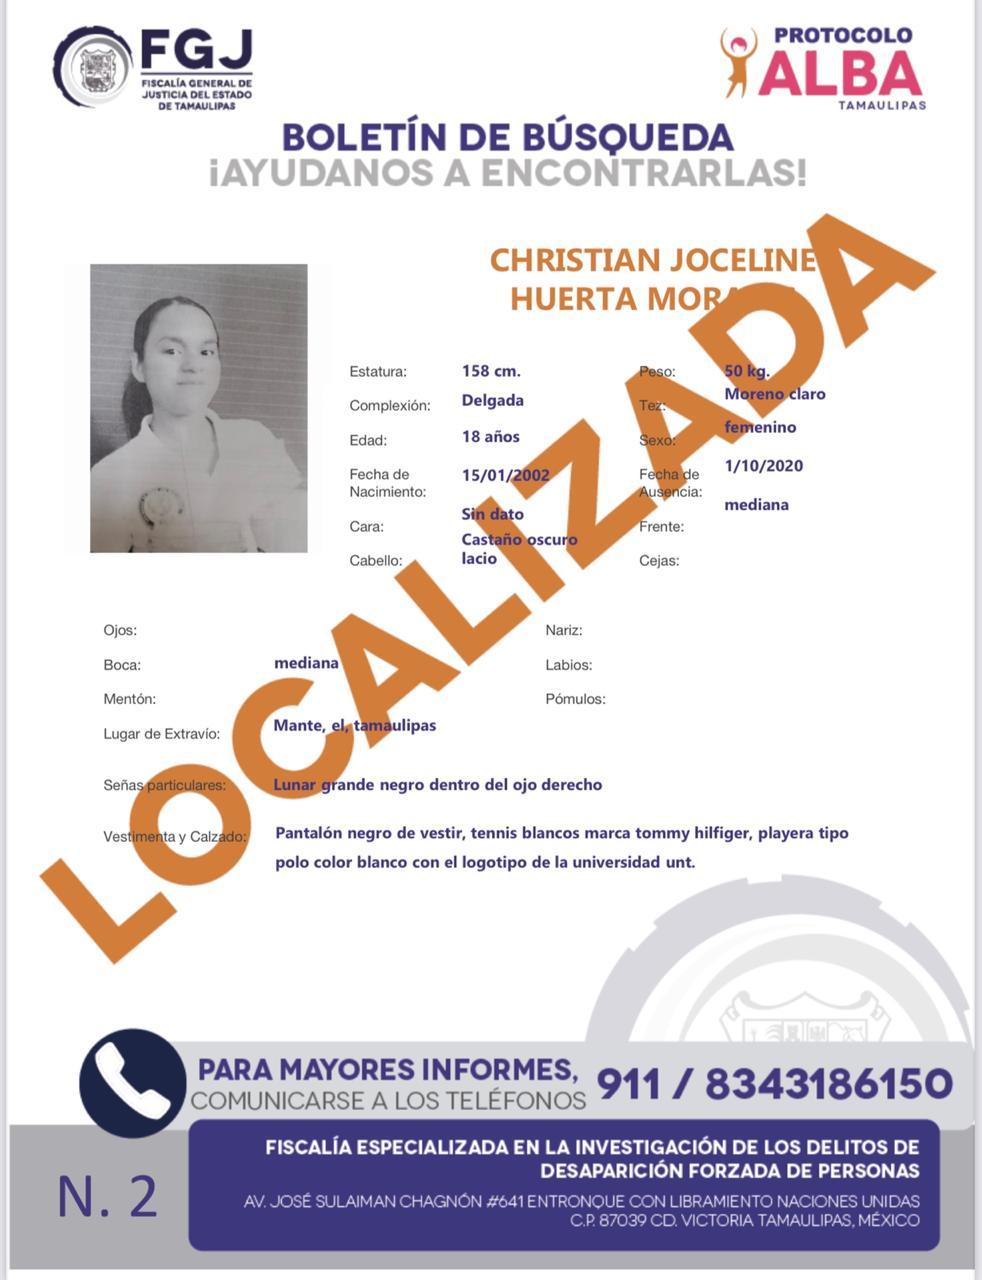 BOLETIN DE BUSQUEDAChristian-Joceline-Huerta-Morales-localizada